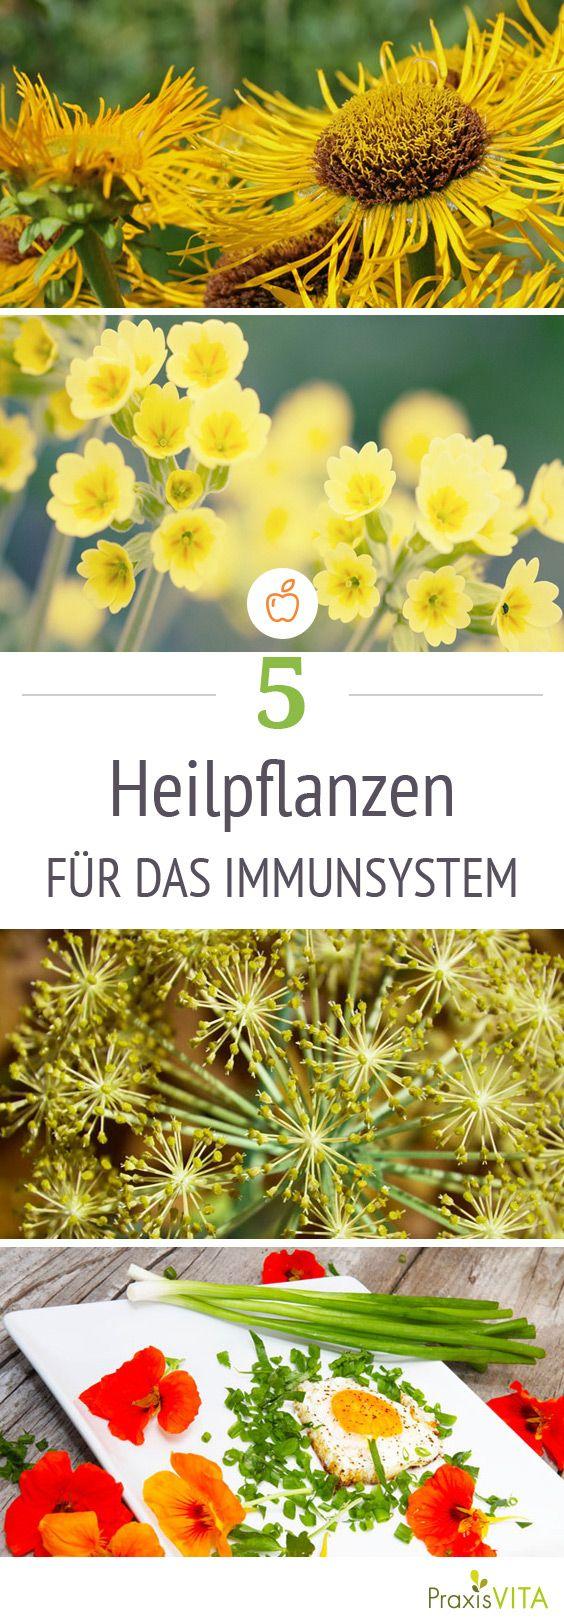 In den unscheinbaren Pflanzen am Wegesrand steckt ein enormes Heilpotenzial mit denen Sie Ihr Immunsystem aufbauen können.